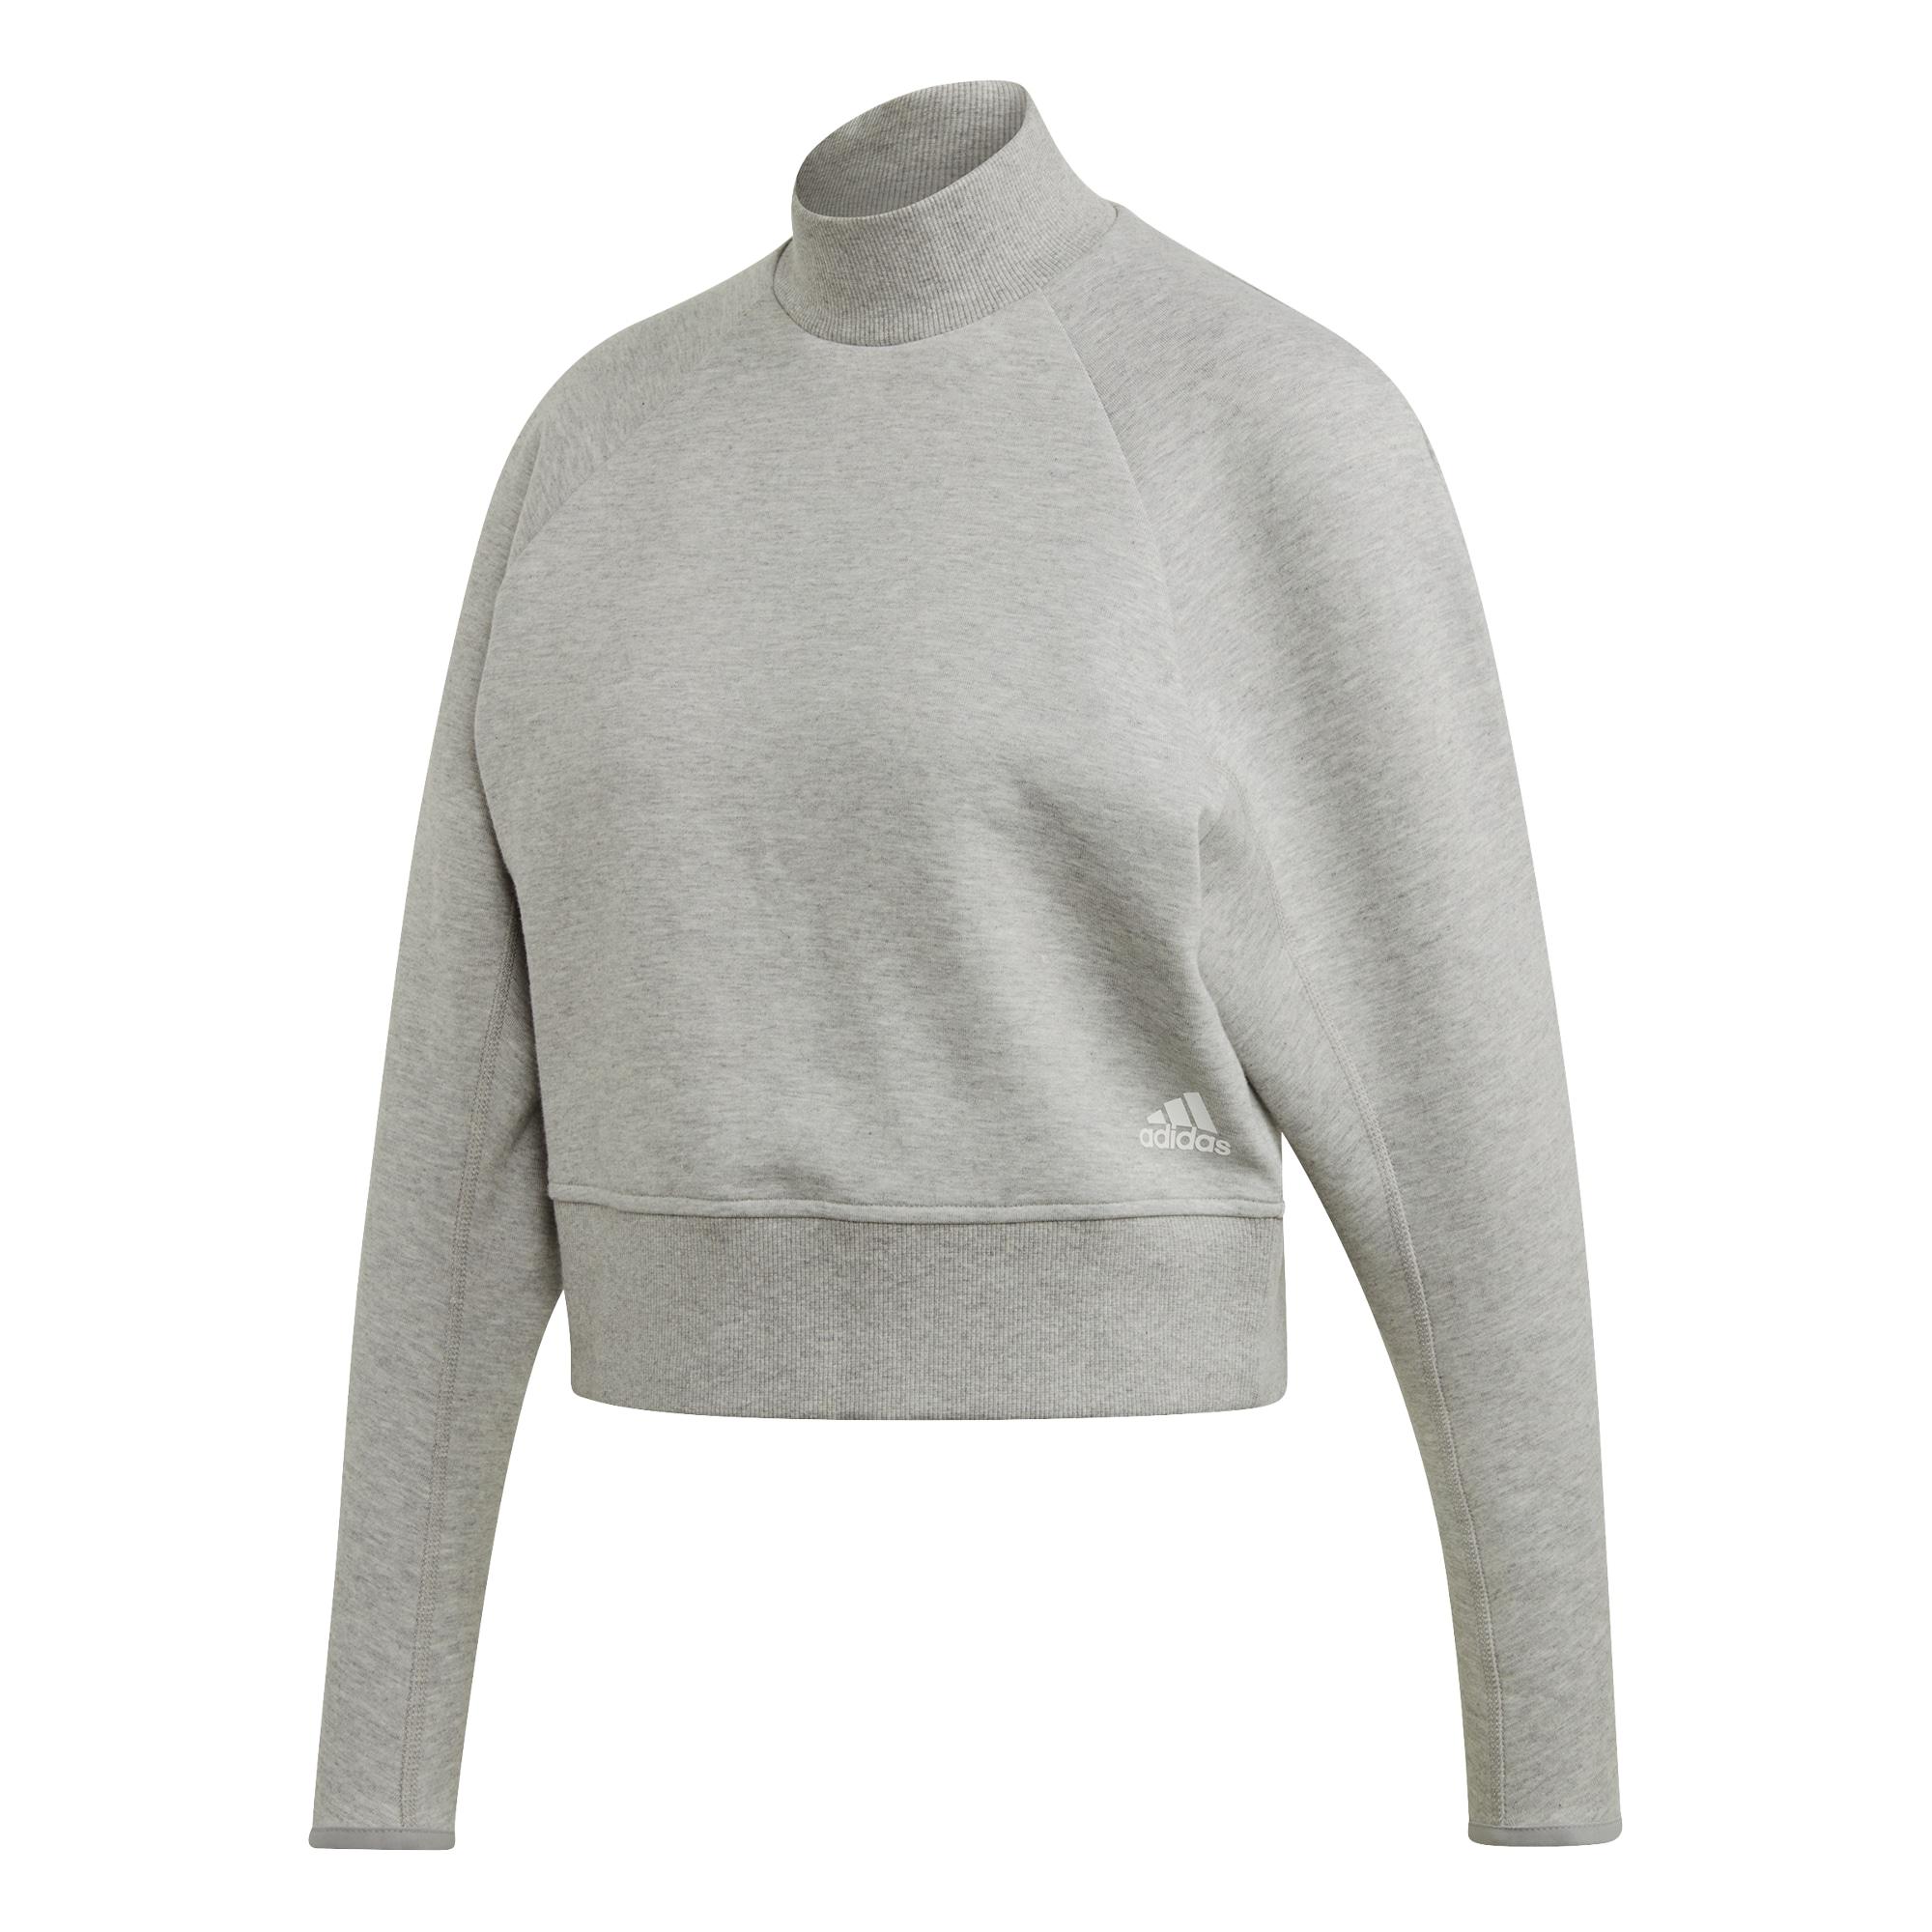 ADIDAS PERFORMANCE Sportinio tipo megztinis 'VRCT' šviesiai pilka